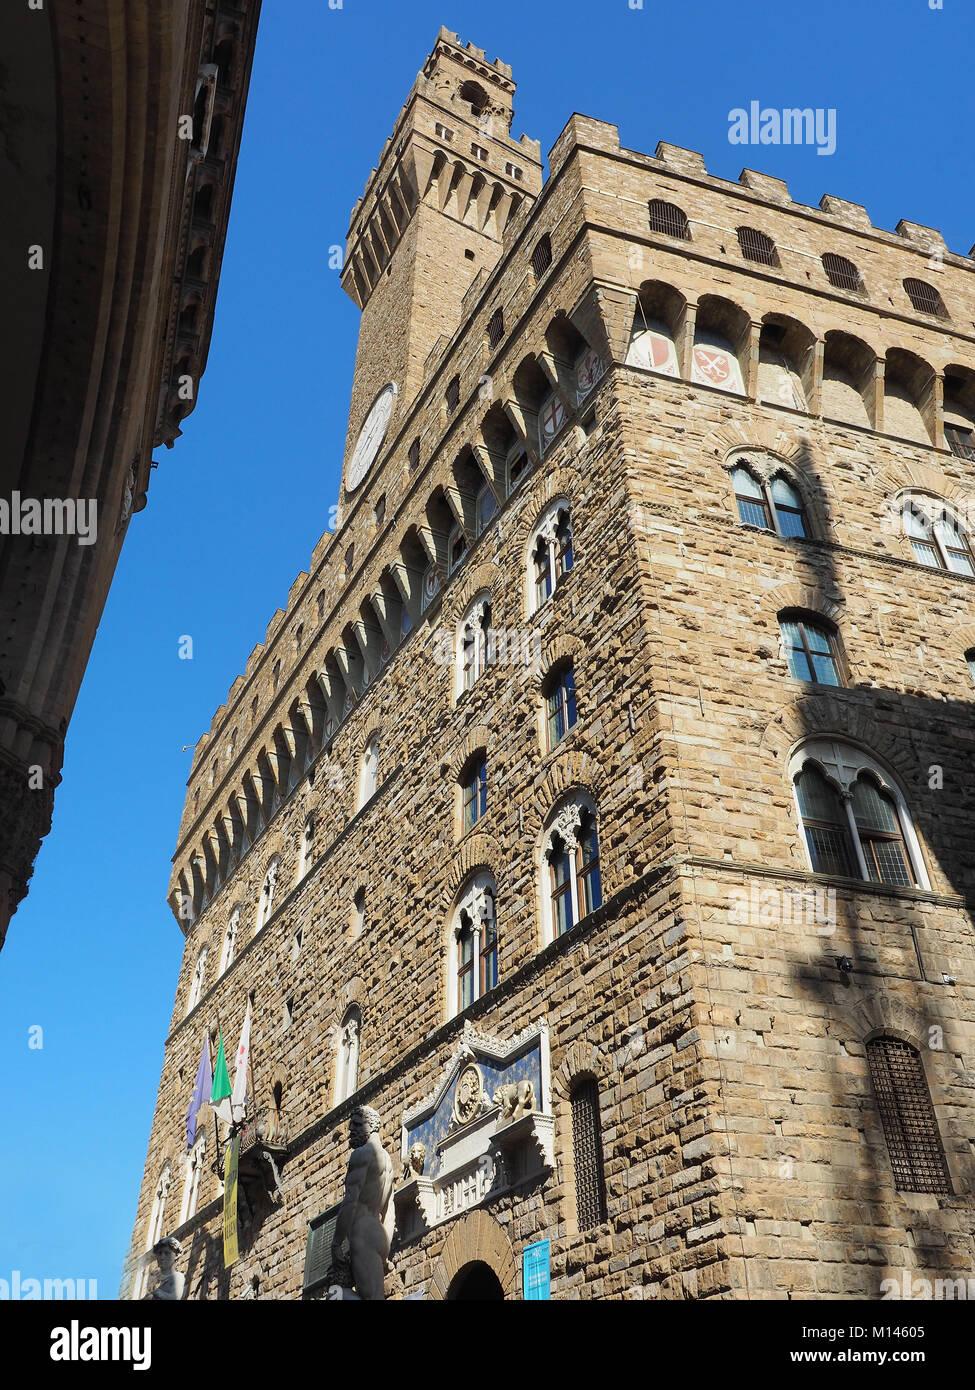 Europa, Italia, Toscana, Florencia, Piazza della Signoria. Palazzo Vecchio Imagen De Stock